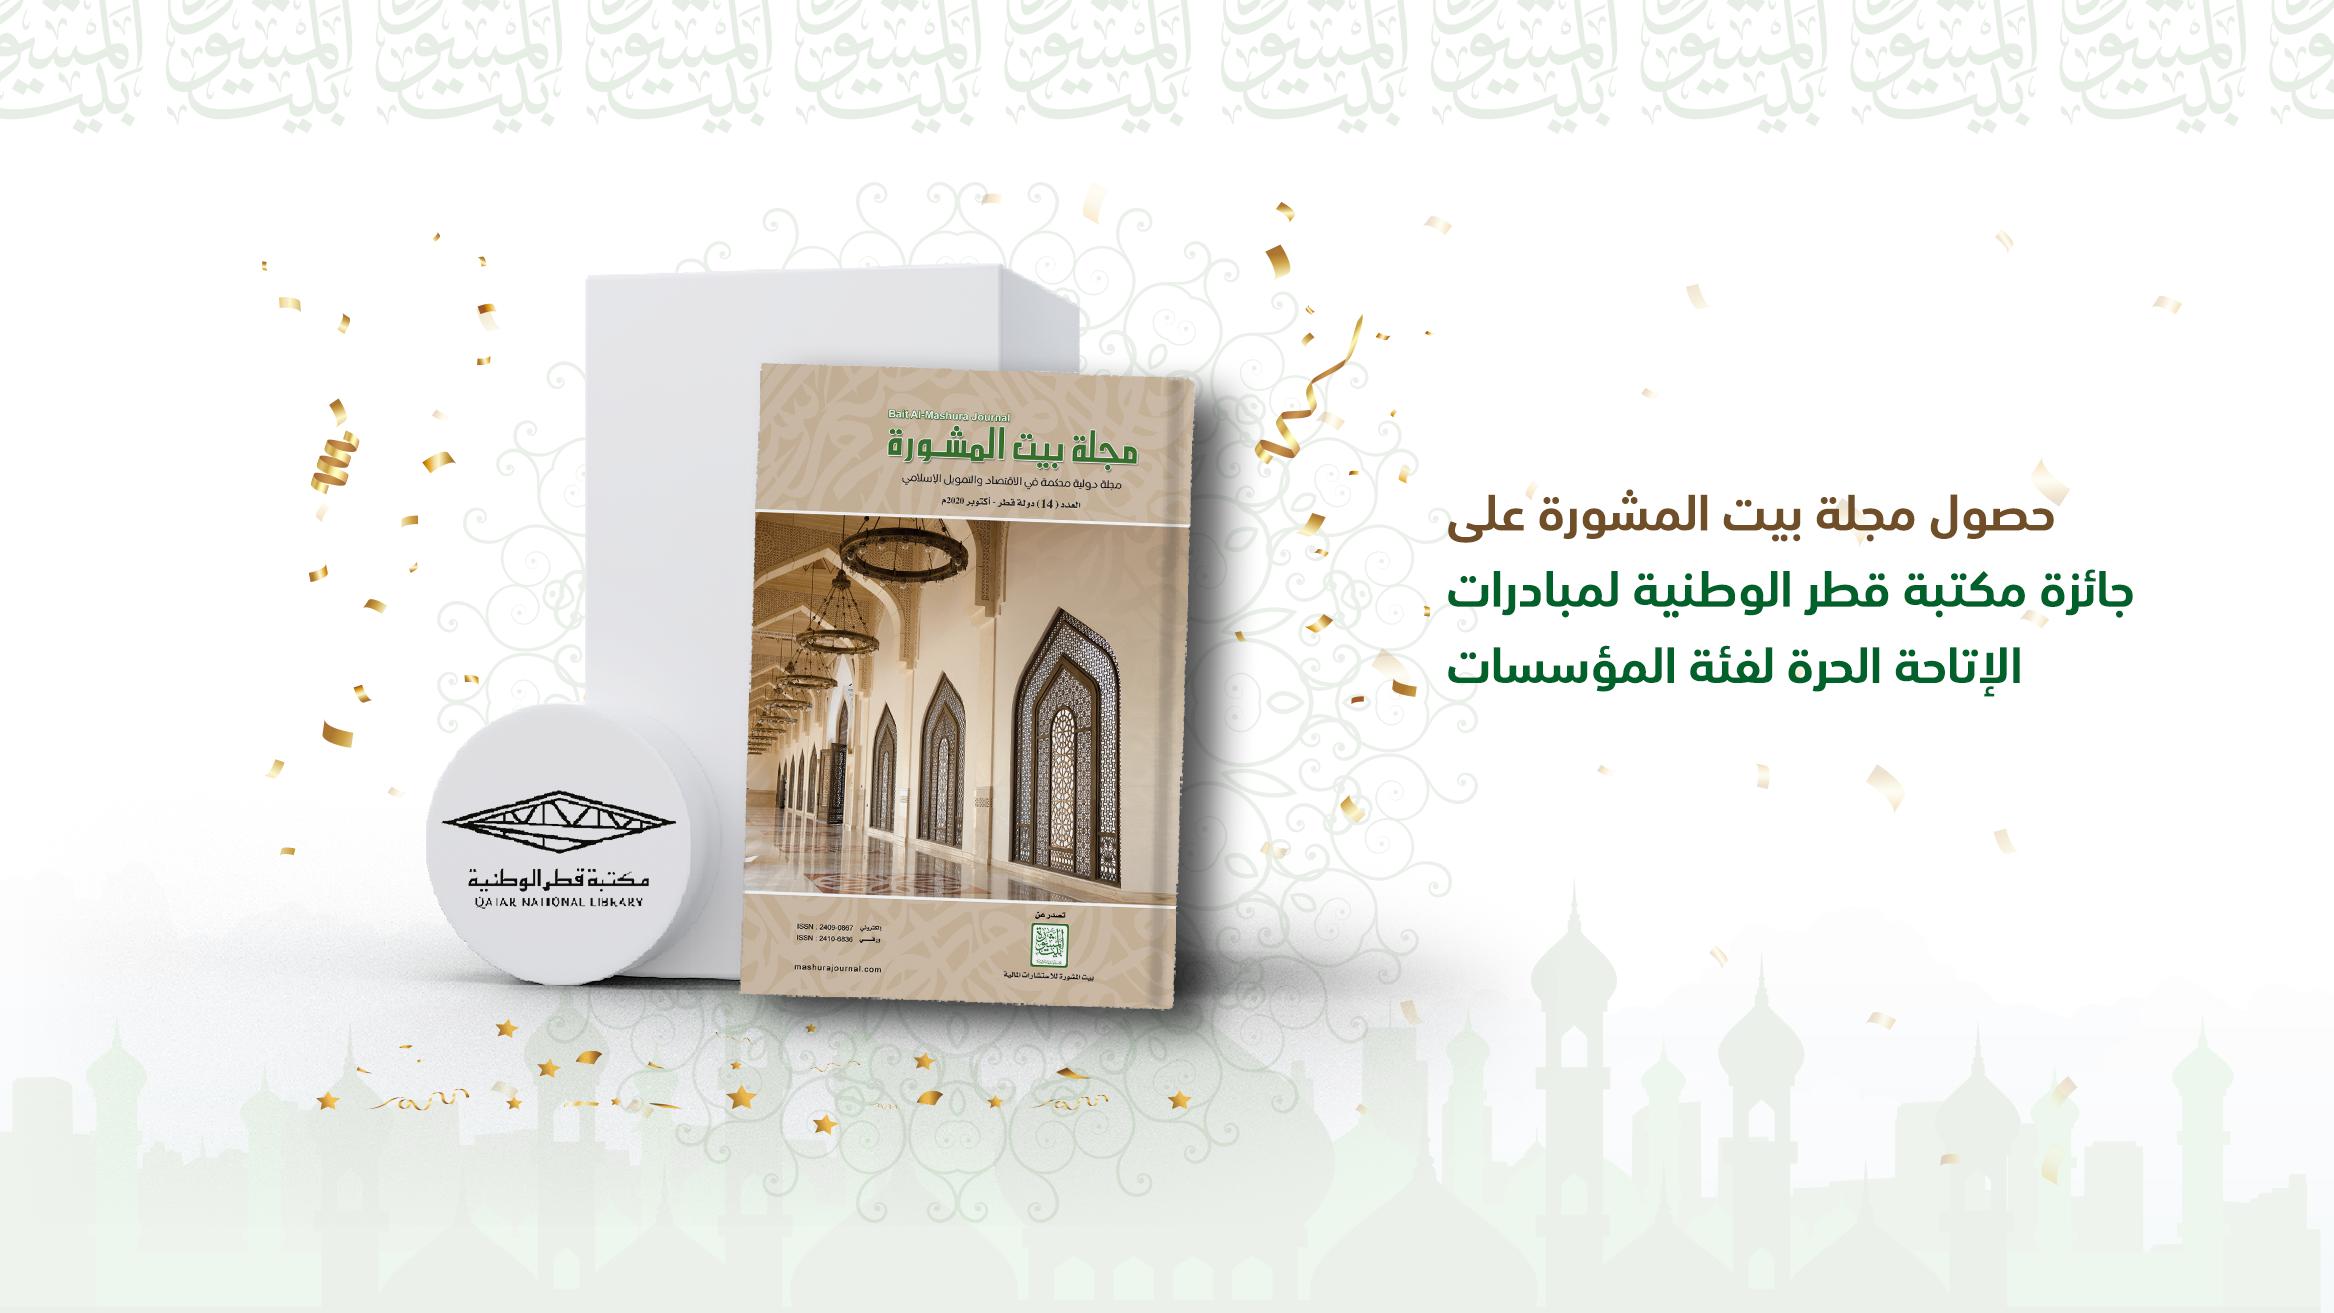 حصول مجلة بيت المشورة على جائزة مكتبة قطر الوطنية